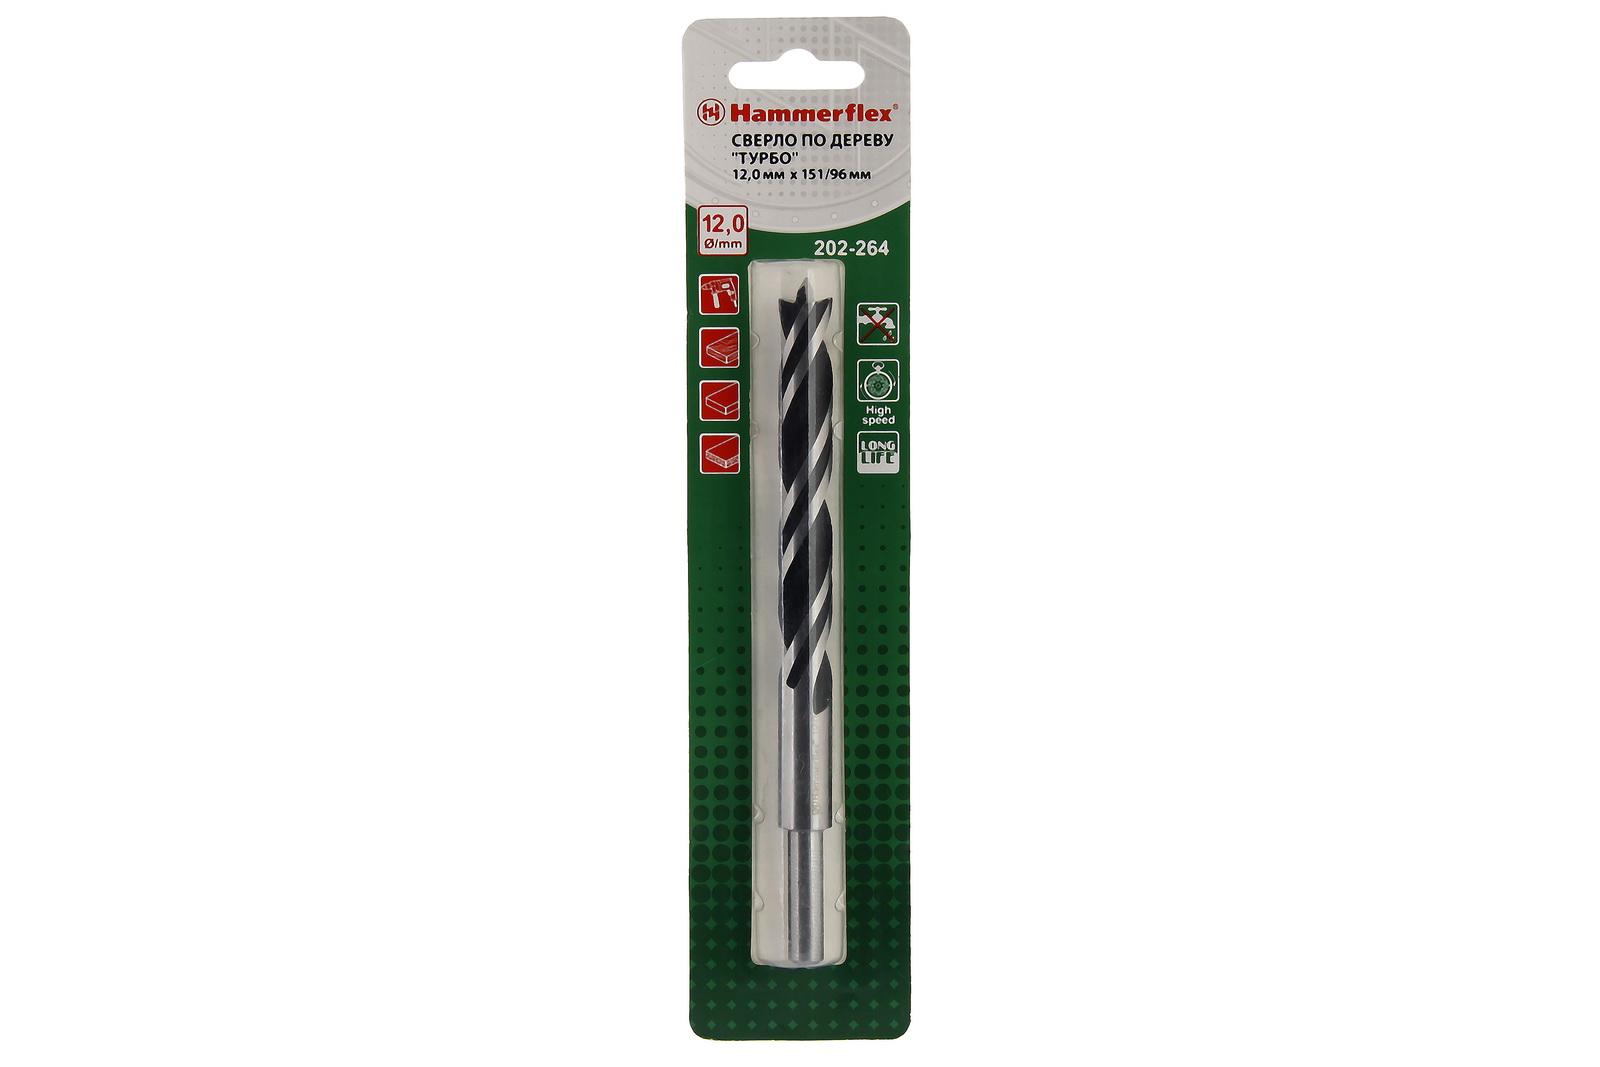 Сверло по дереву Hammer 202-264 dr wd dbl flute 12,0мм*151/96мм цена